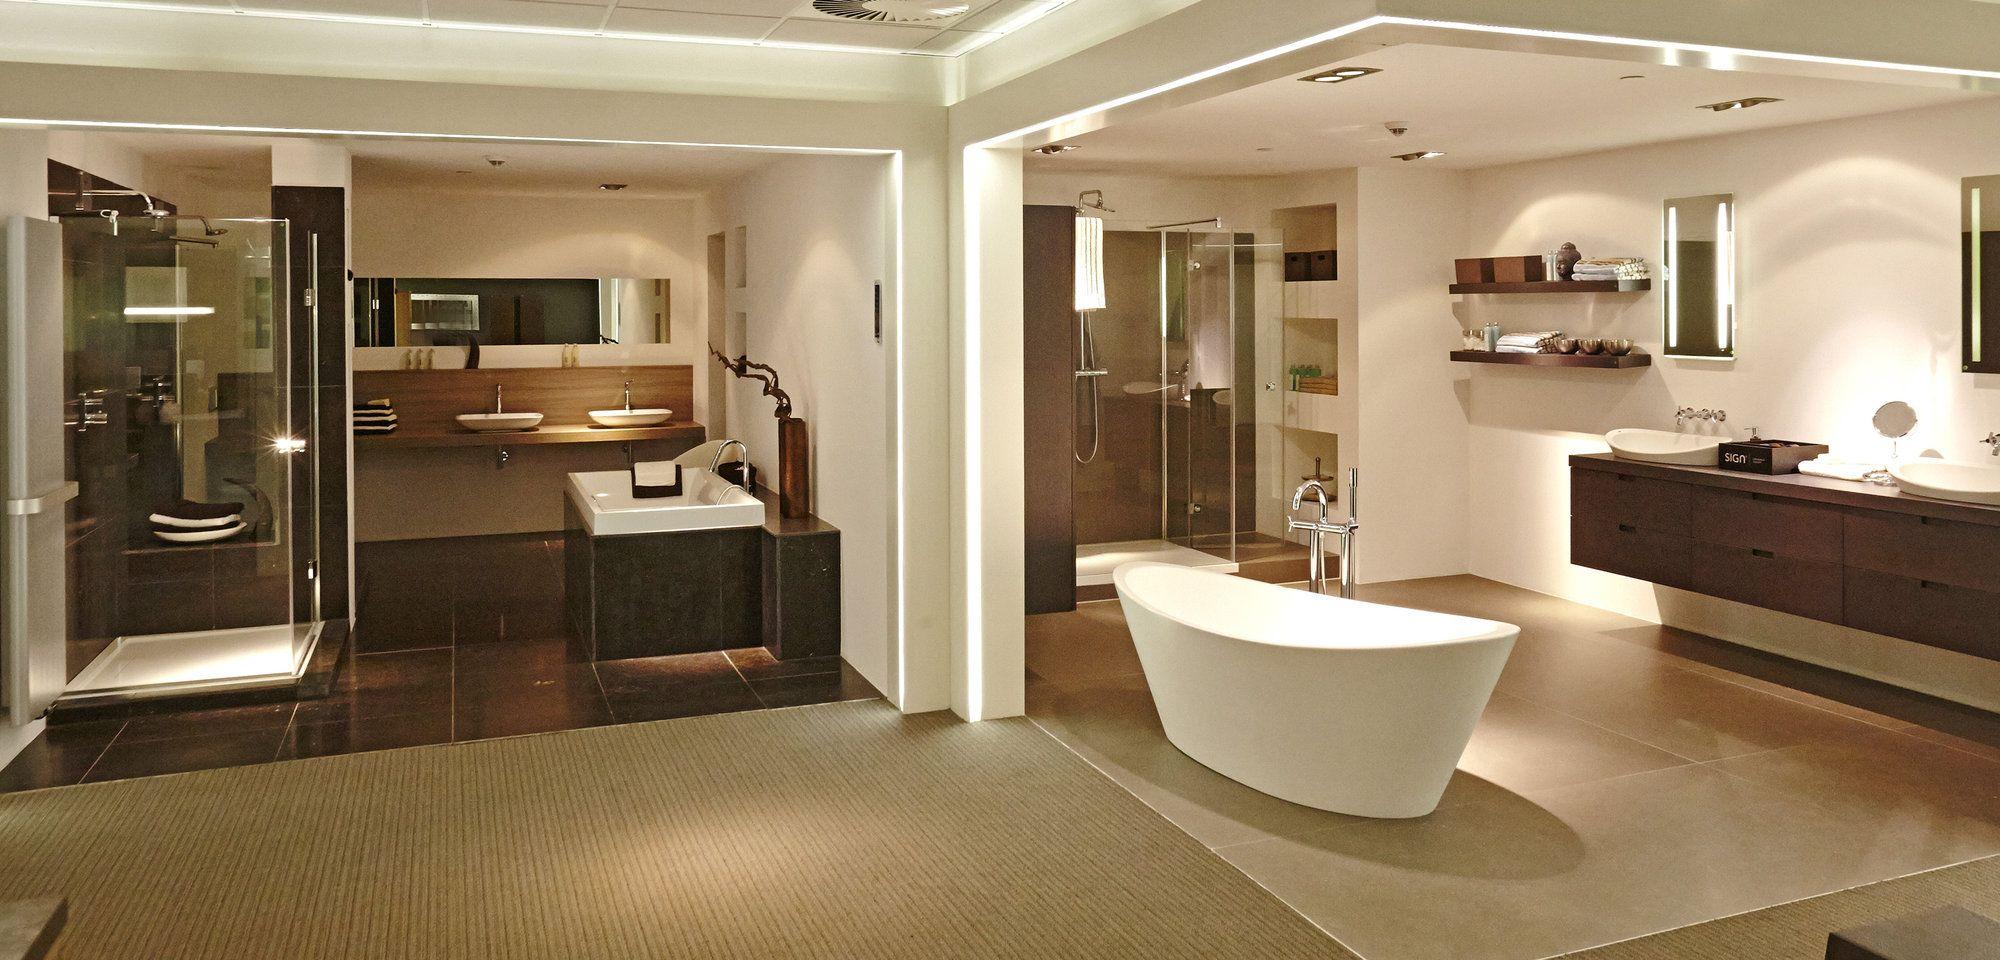 Pin van Wooning Keukens & Badkamers op Showroom Sanitair ...